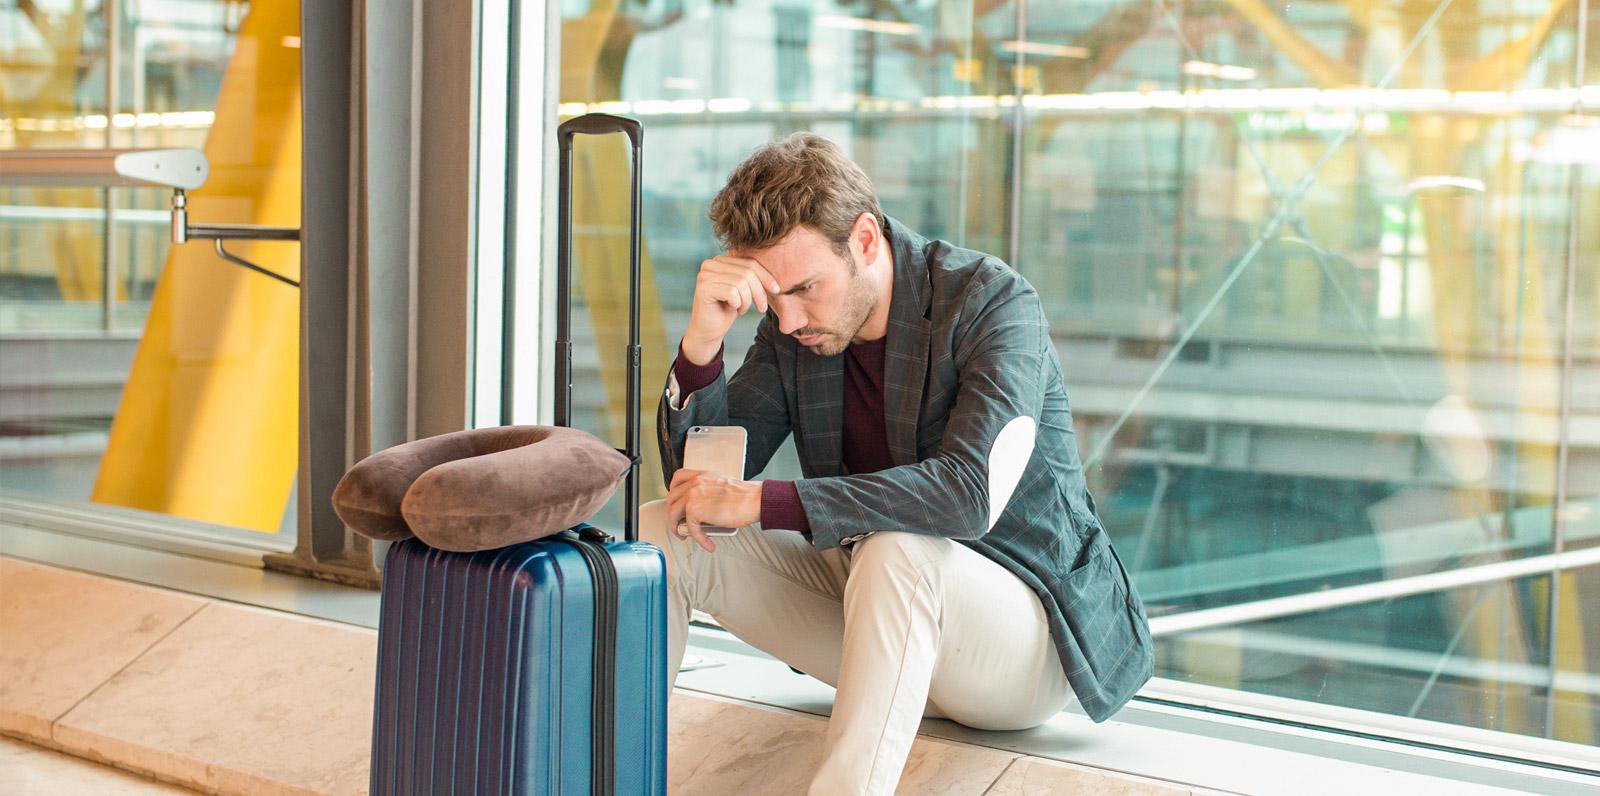 Assurance accidents de voyage vs assurance médicale d'urgence en voyage.